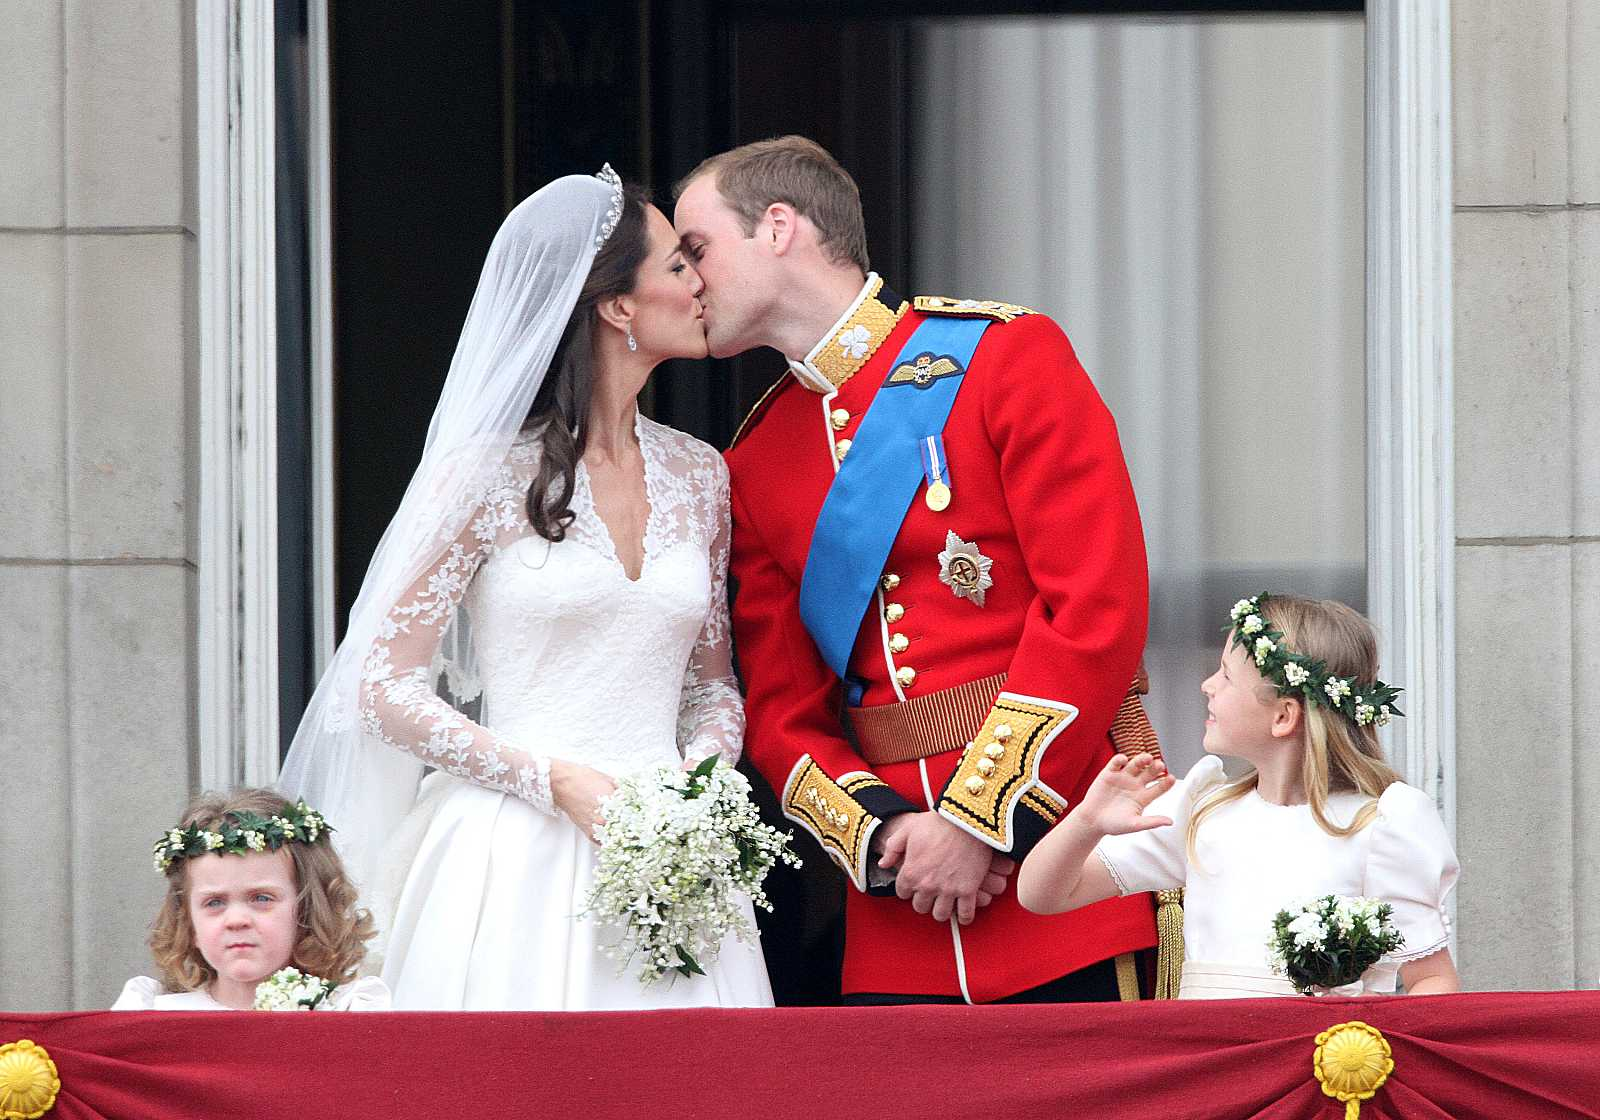 El príncipe Guillermo besa a Kate Middleton, duquesa de Cambridge, en el balcón del Palacio de Buckingham